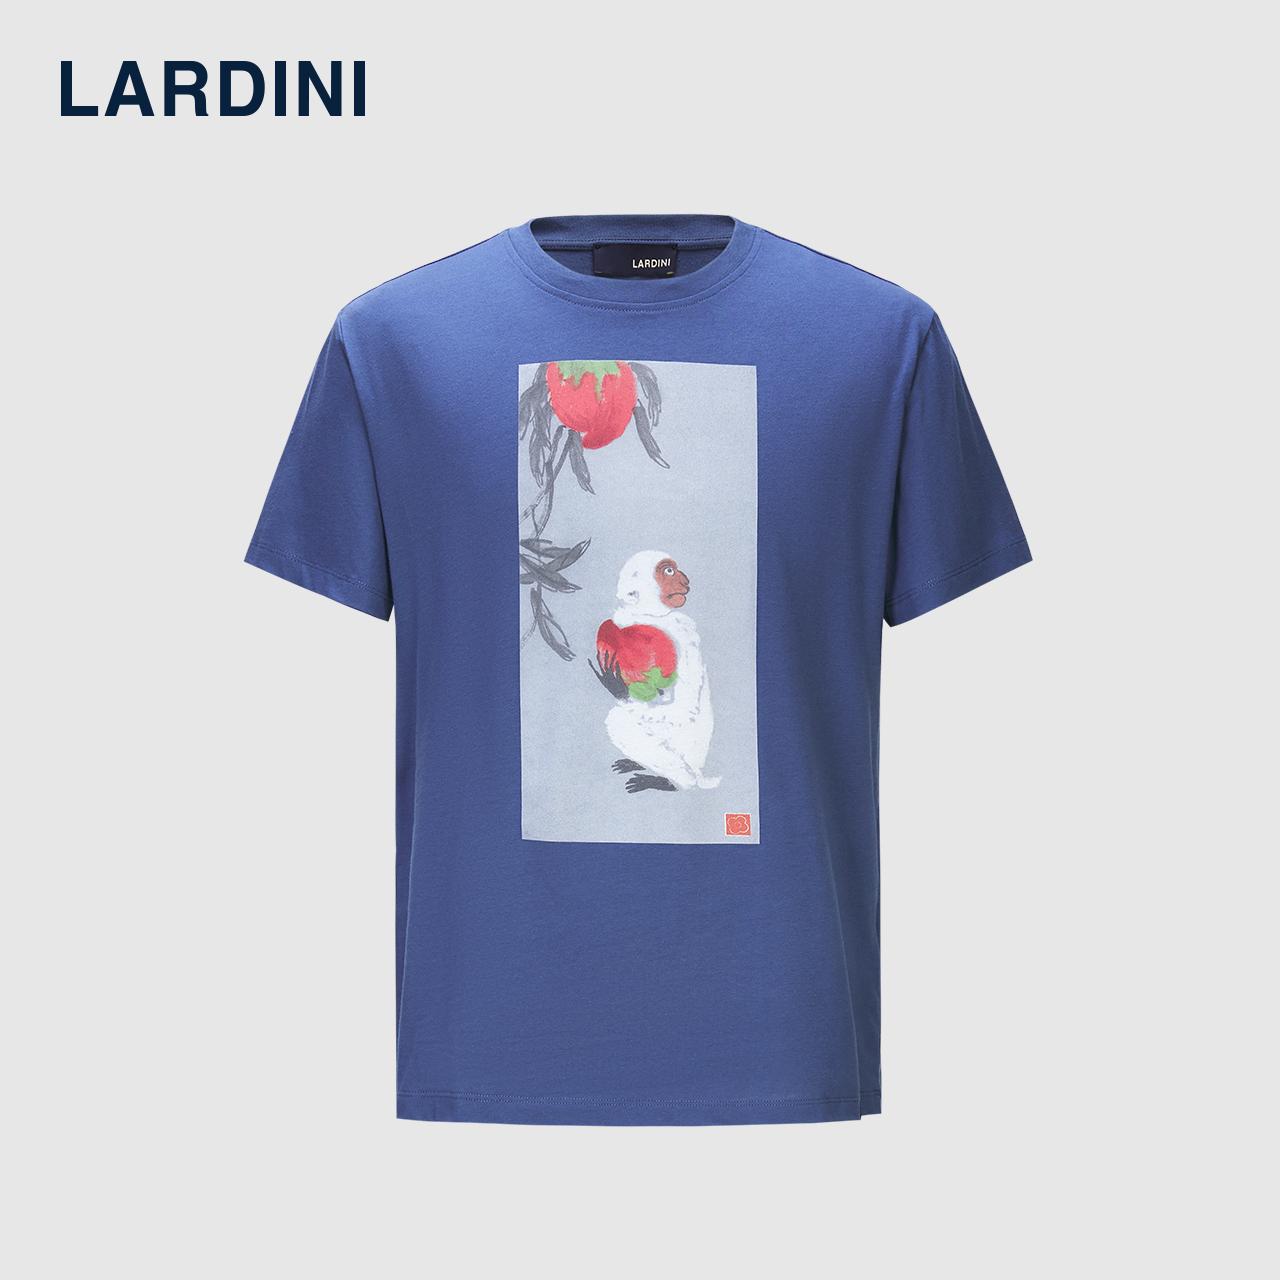 LARDINI意大利进口 印花图案T恤